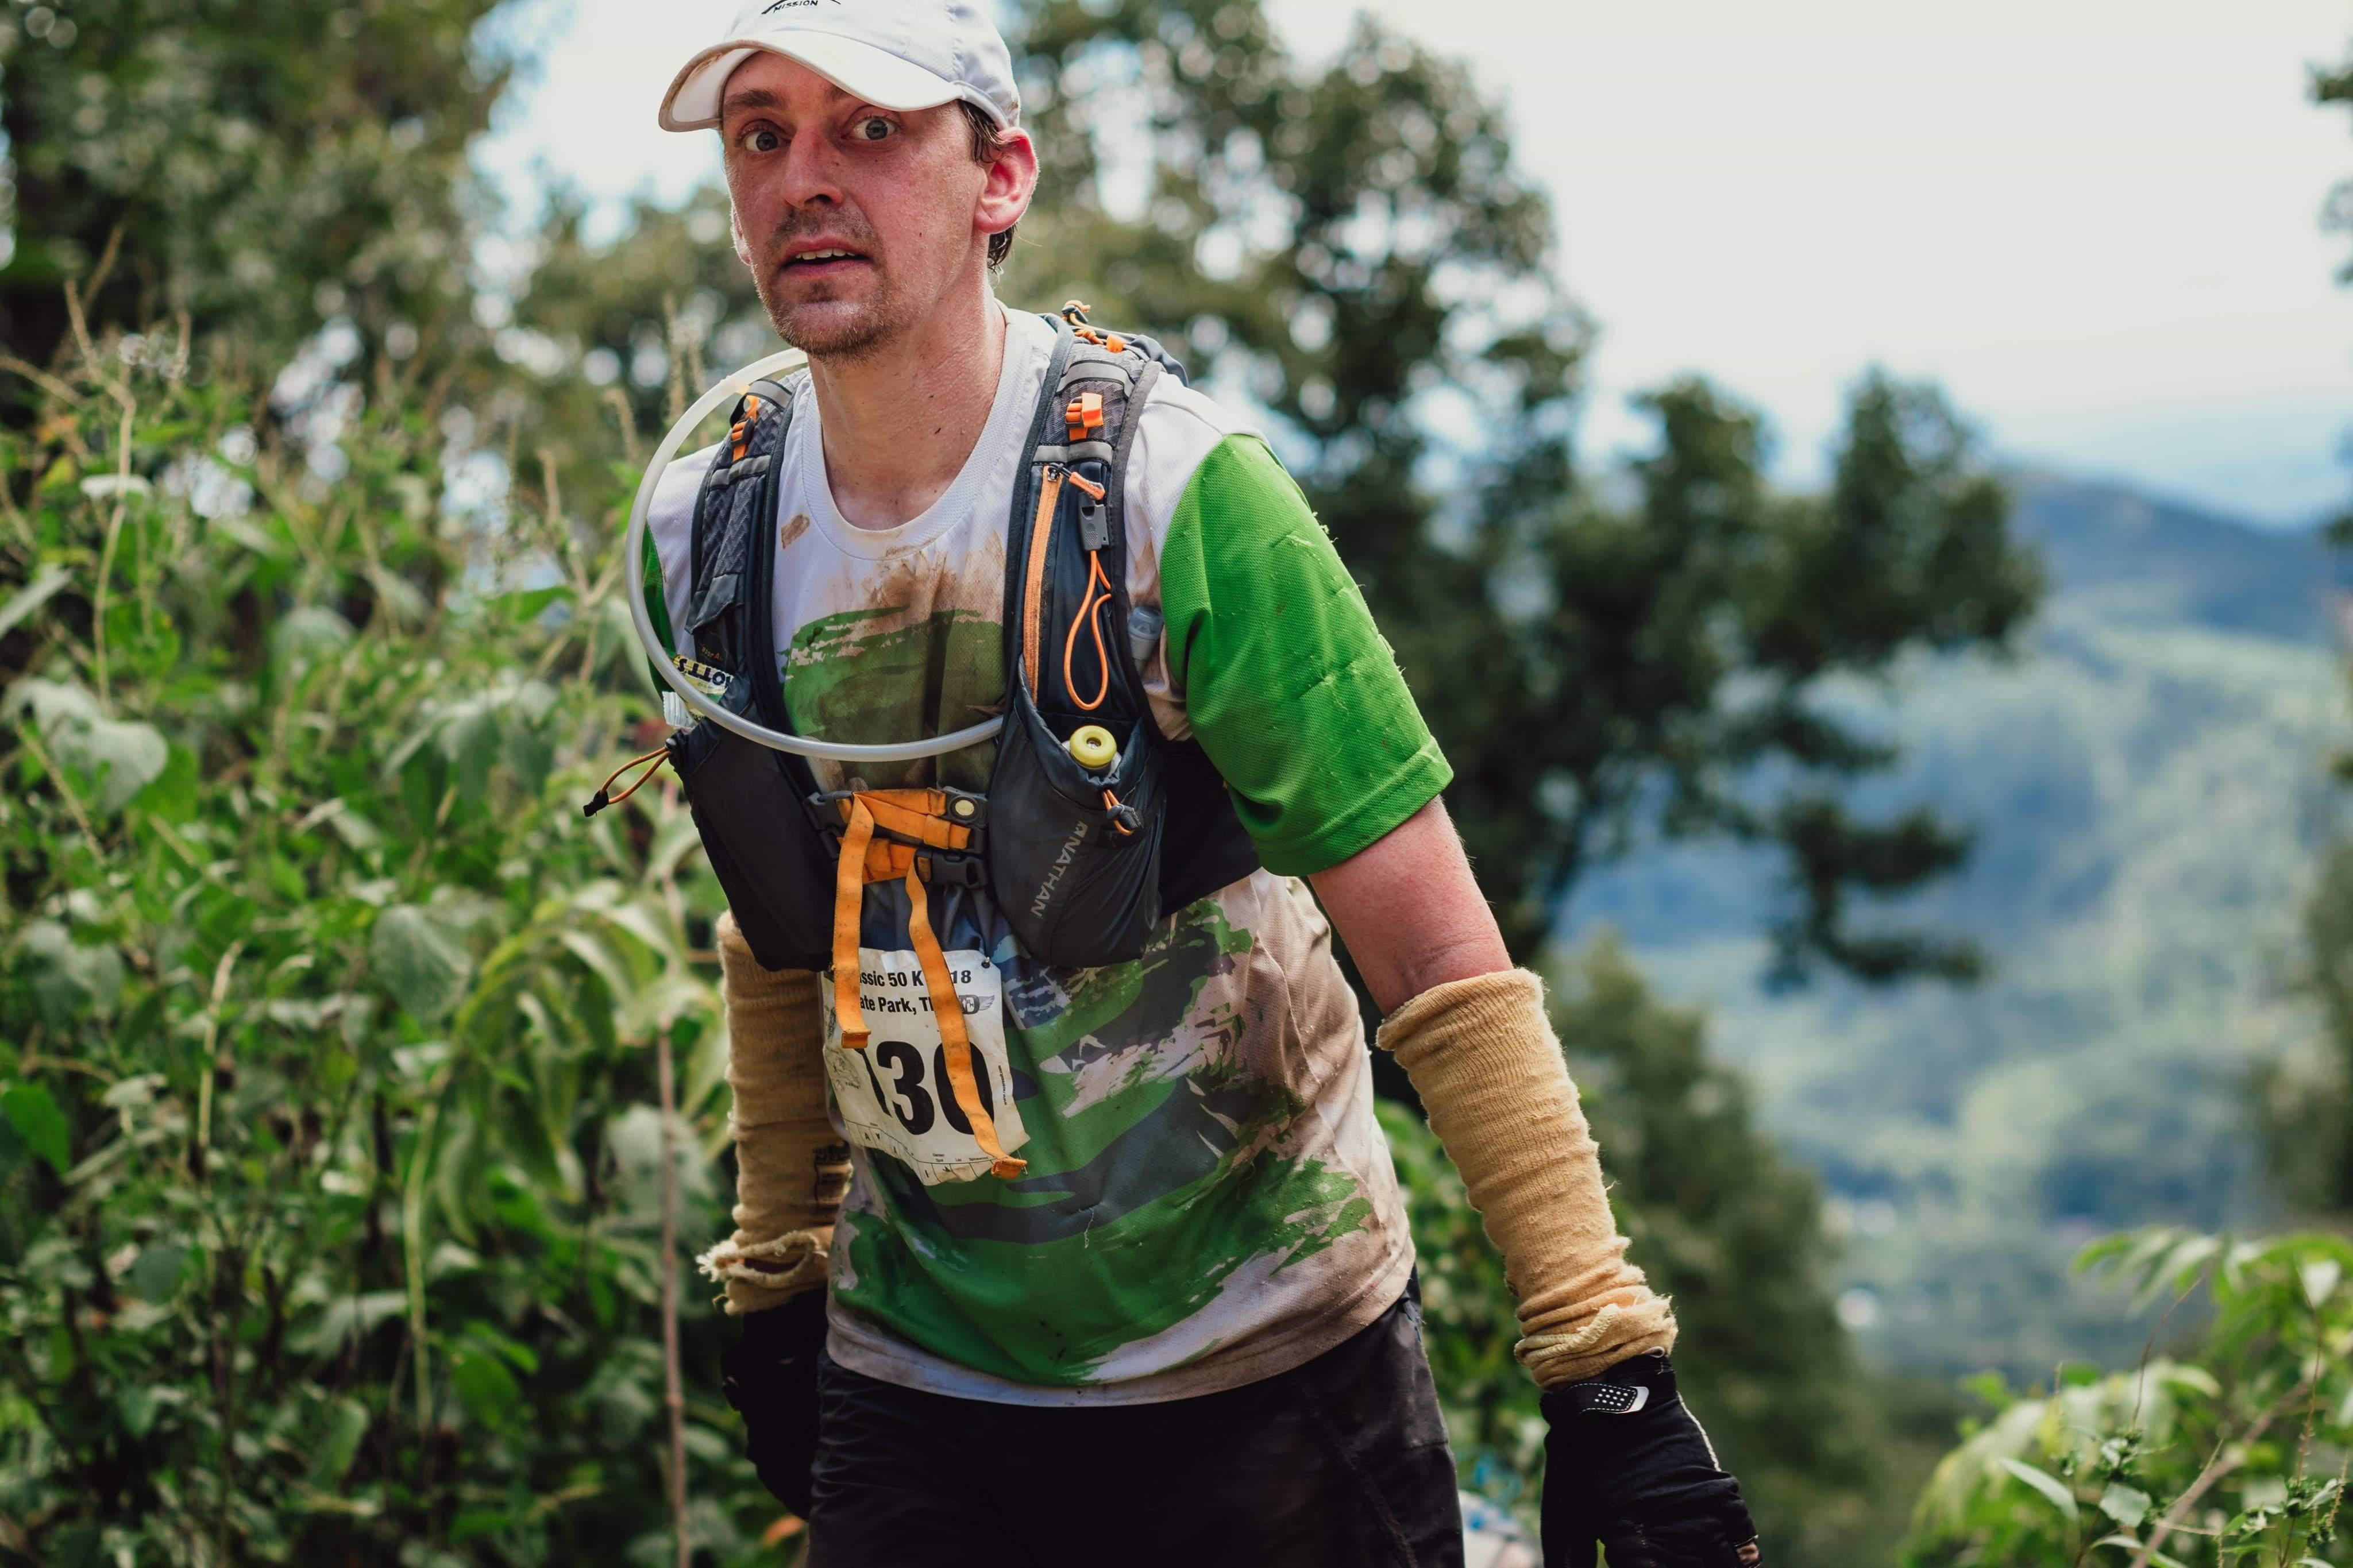 Matt | Kentucky USA | Ultramarathon